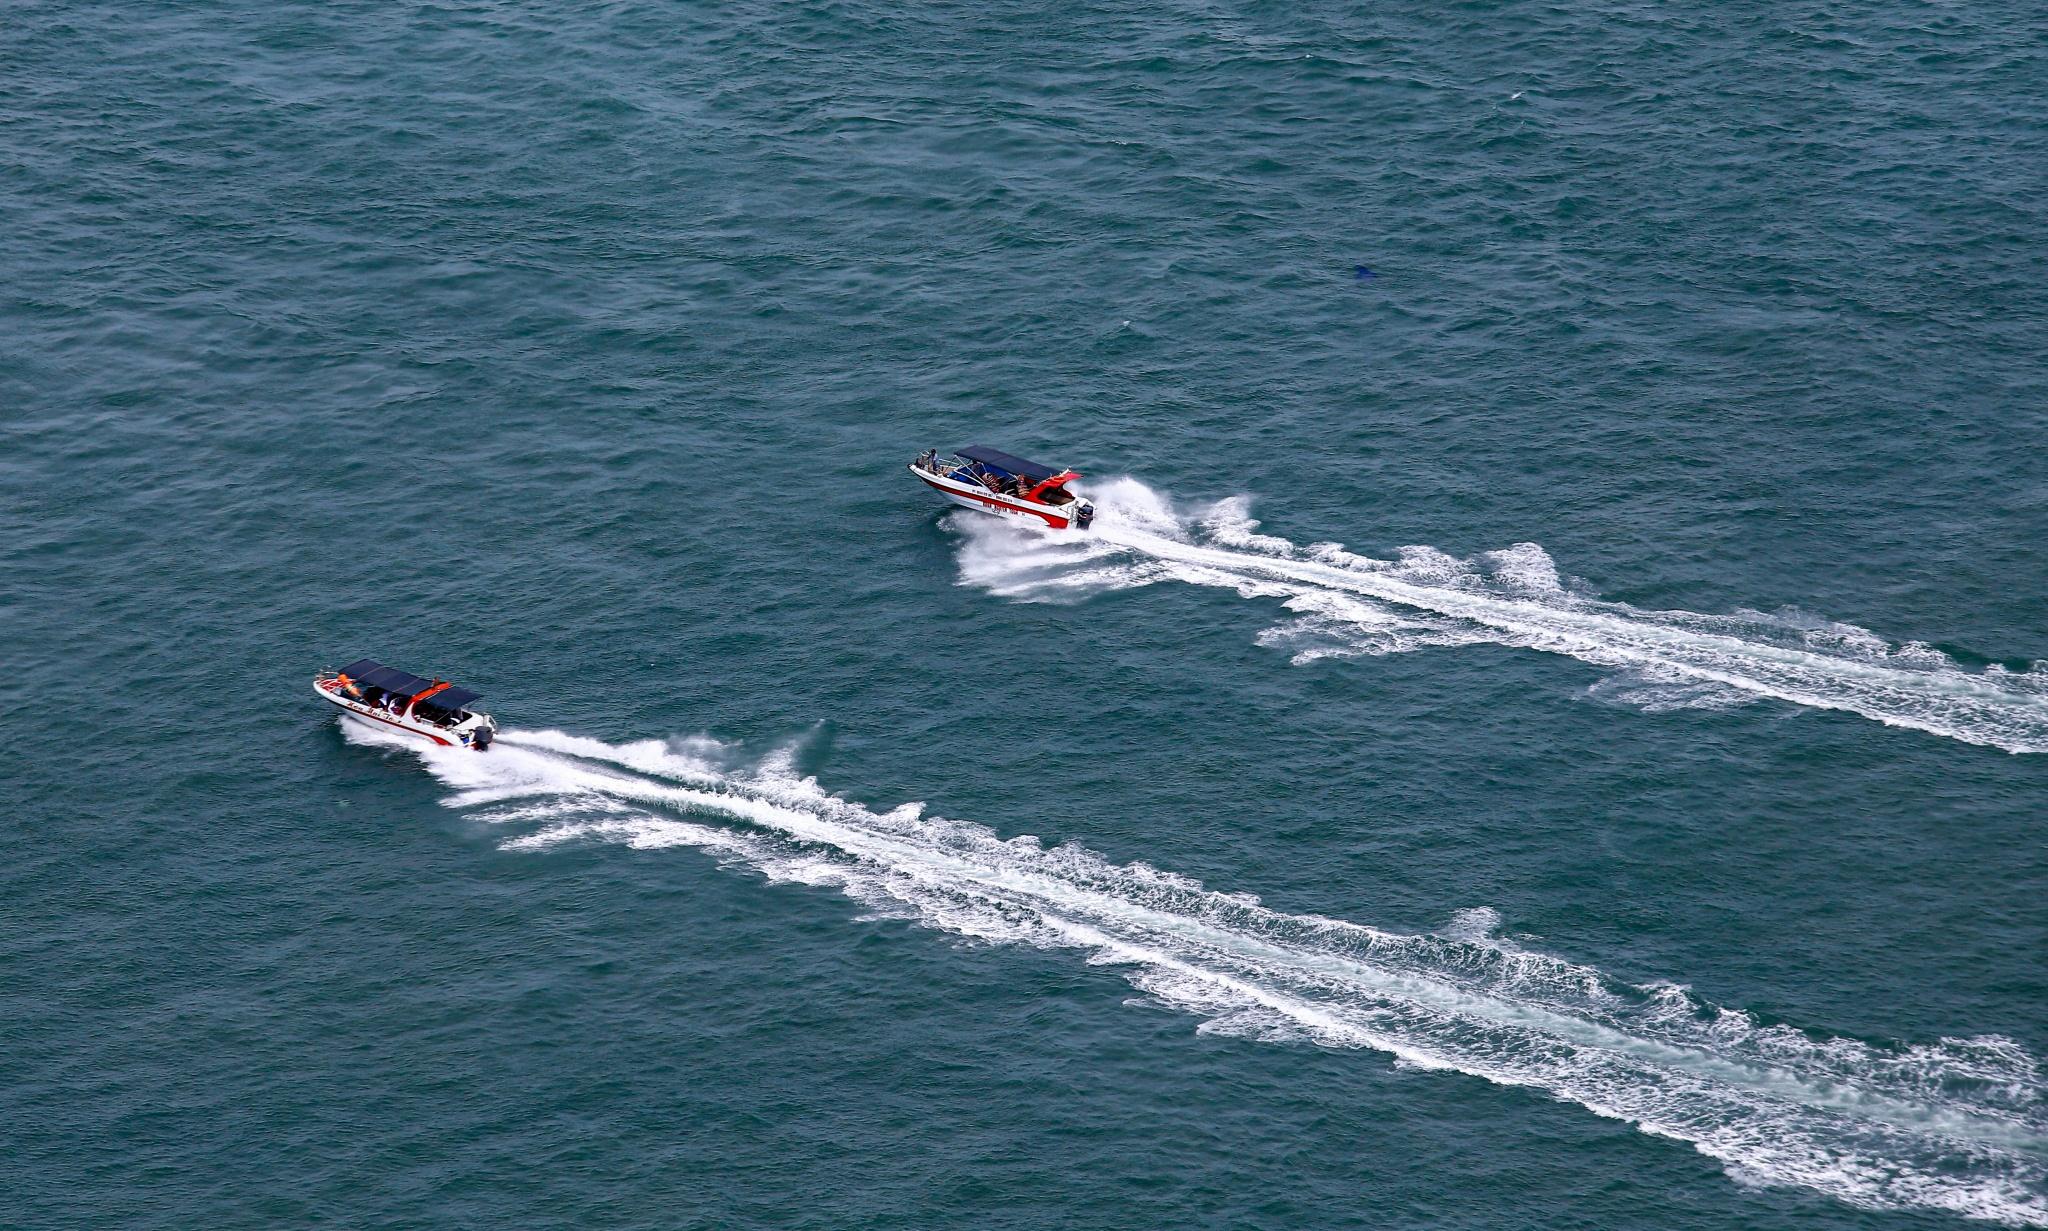 don 2 3 trieu khach den phu quoc anh 4  - phuquoc_zing112_1_ - Bài toán đón 2-3 triệu khách đến Phú Quốc